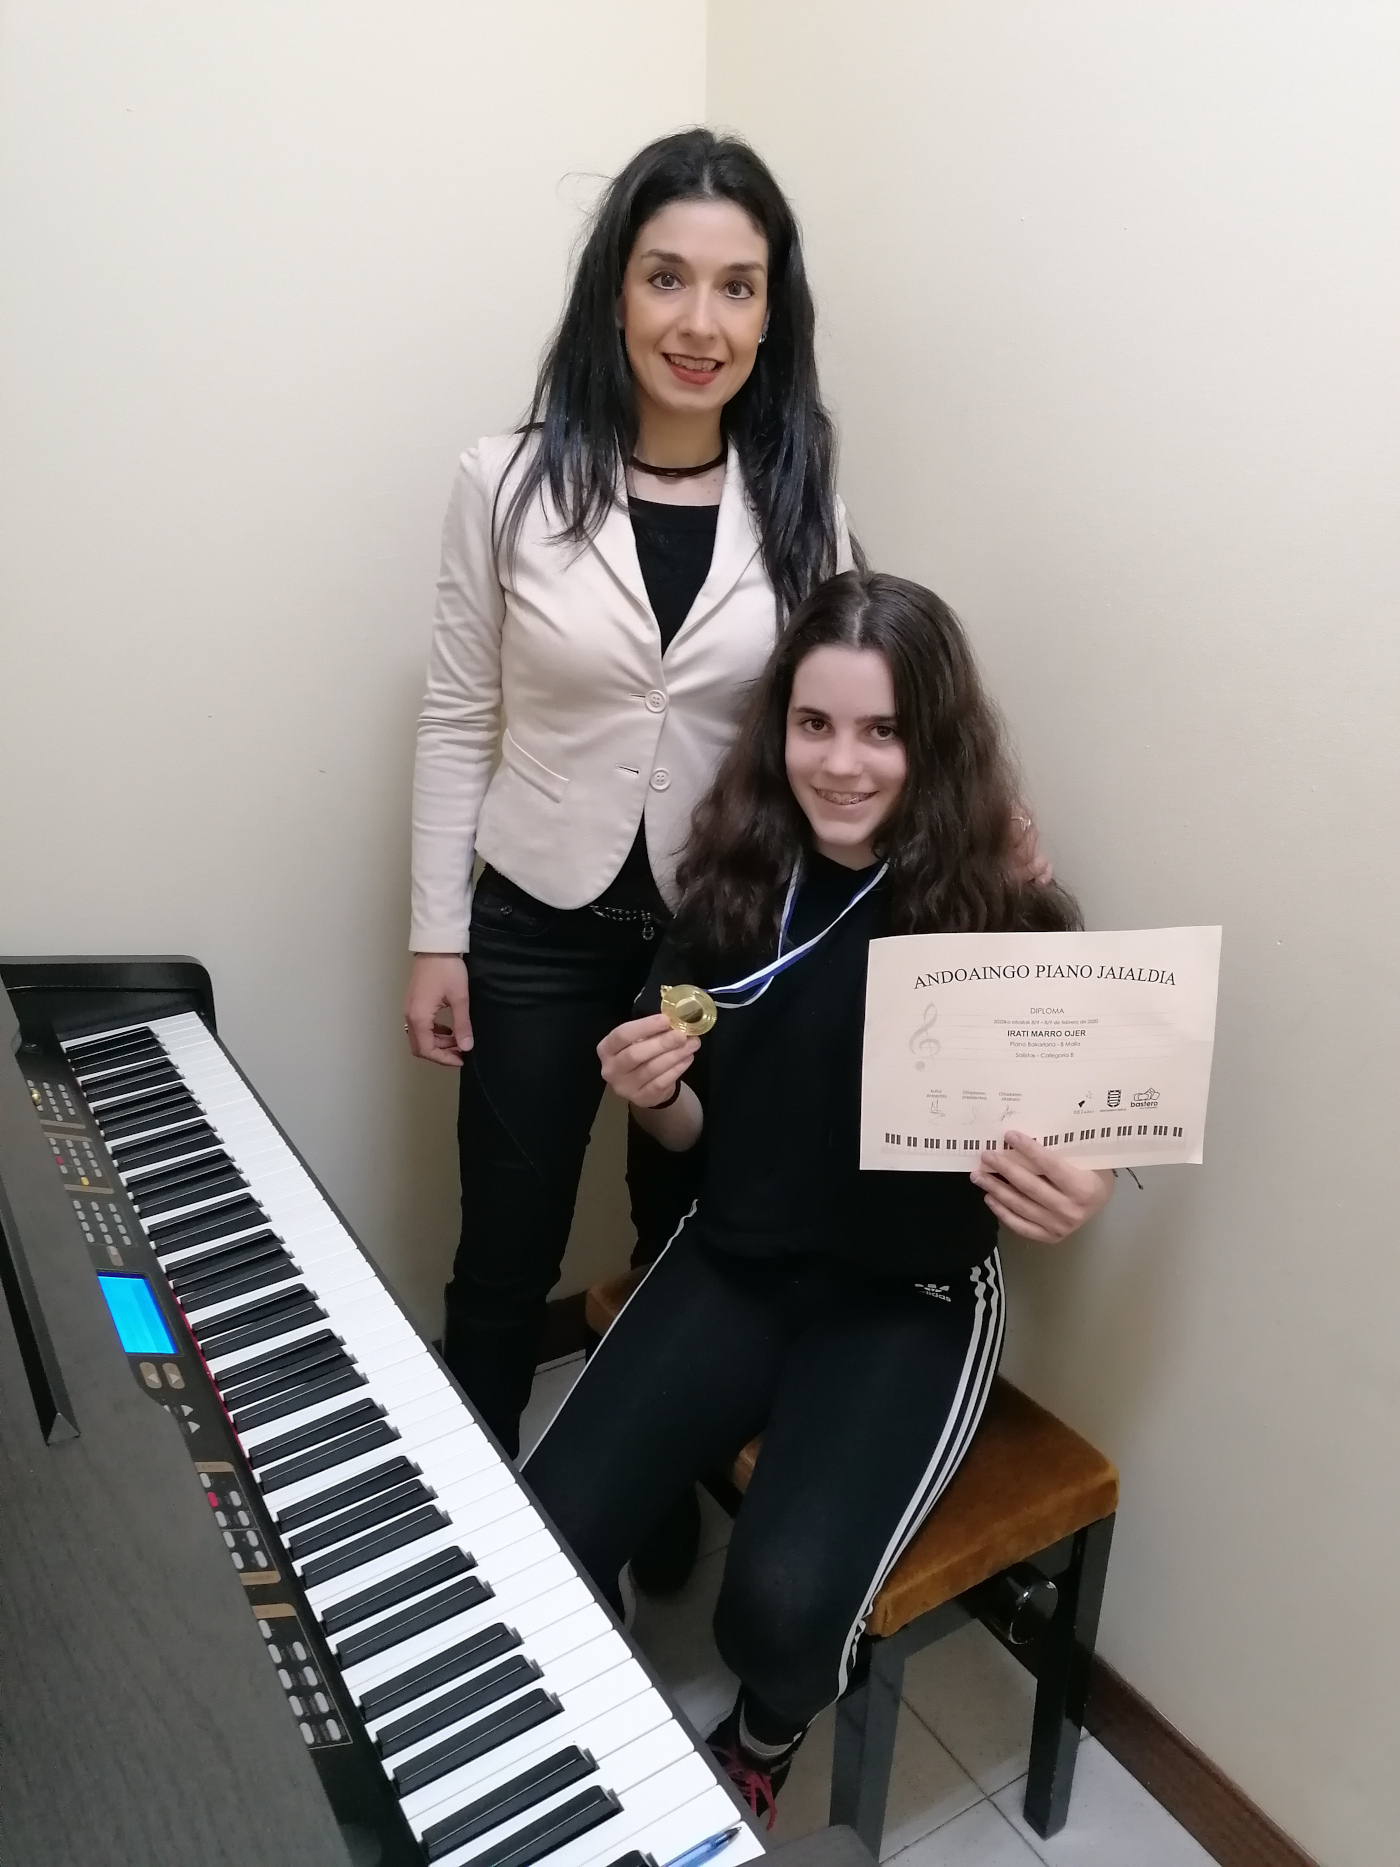 Irati Marro con su profesora Mirentxu medalla de oro en el certamen de piano de Andoain. Febrero 2020